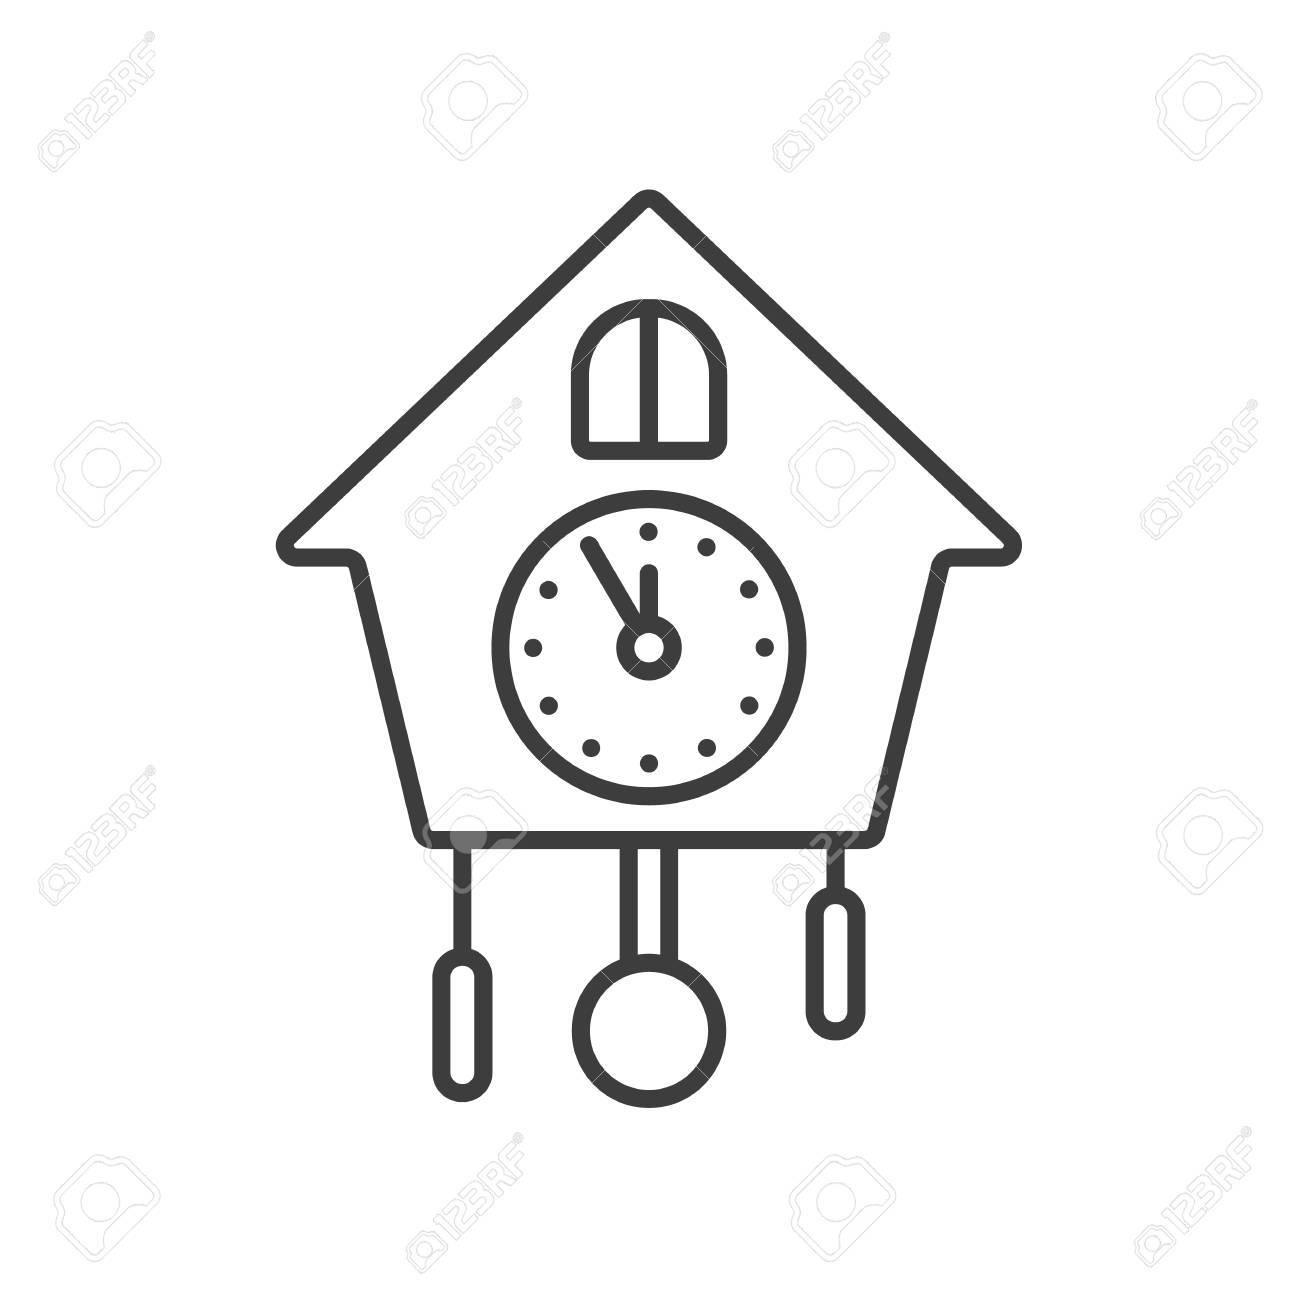 Icône Linéaire D'horloge Murale. Illustration De La Fine Ligne. Symbole De  Contour. Dessin De Contour Isolé Vectoriel pour Dessin D Horloge